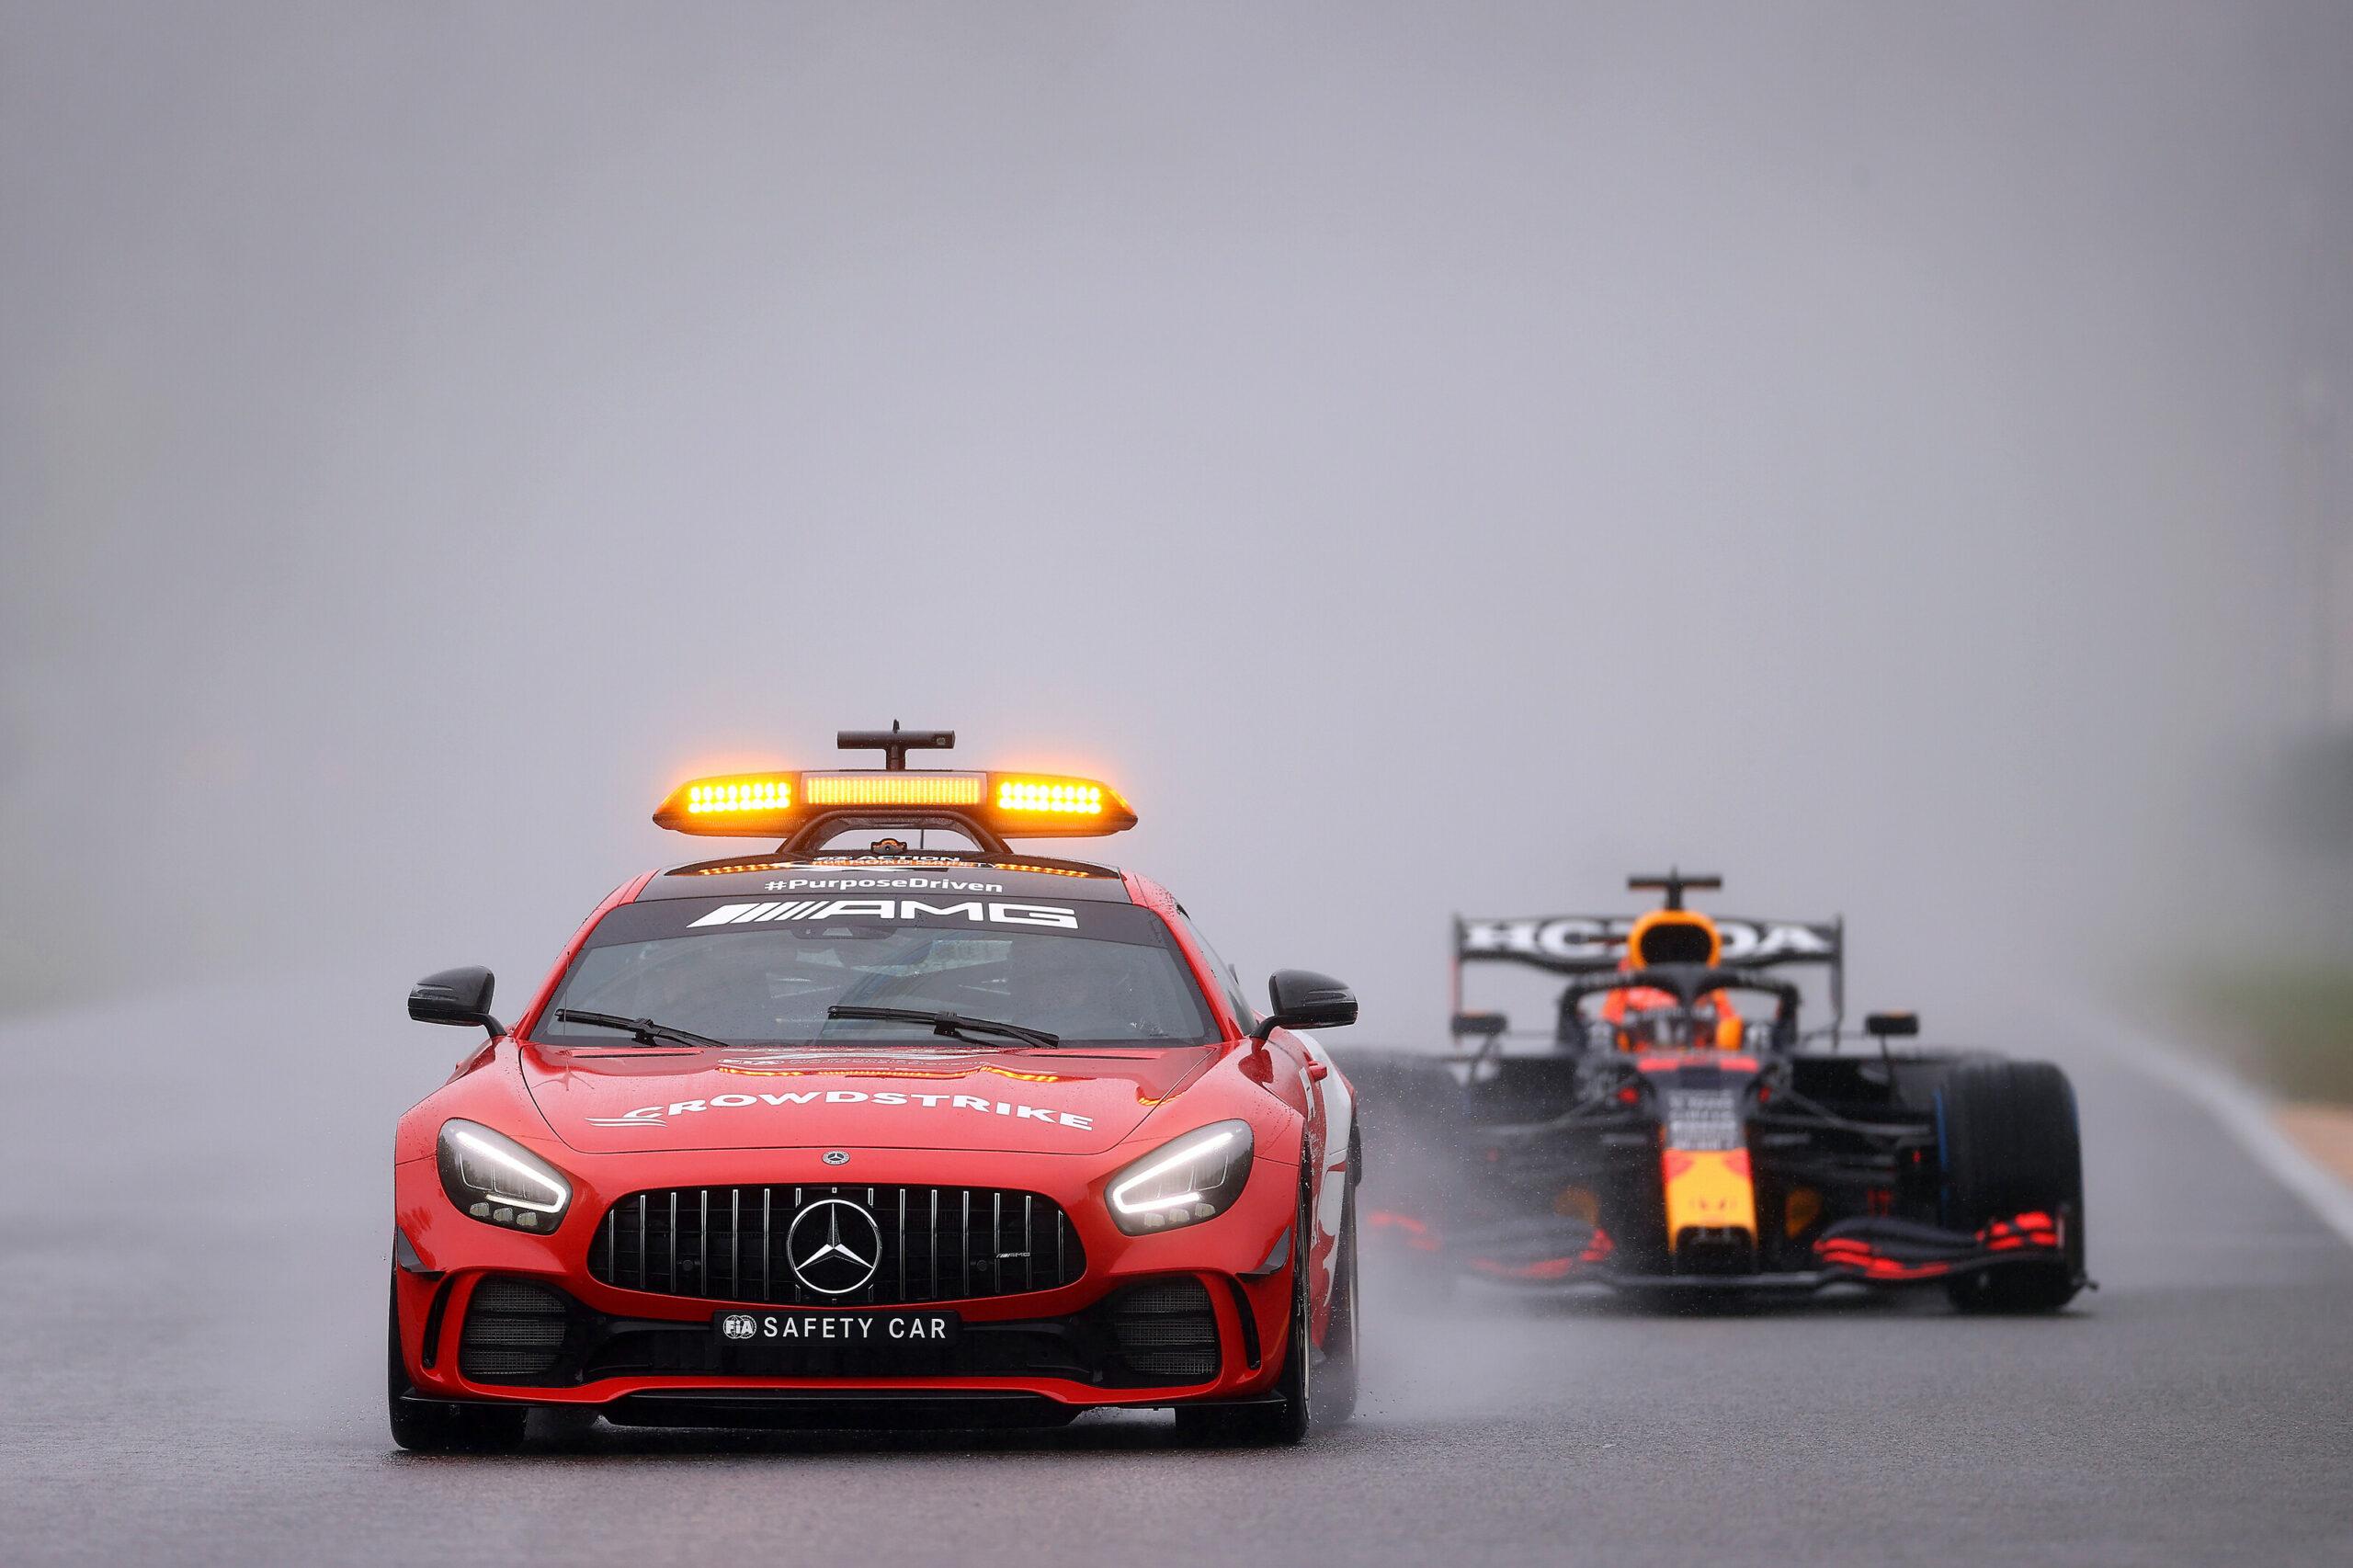 F1 - La pluie attendue ce samedi à Sotchi, le programme de la F3 chamboulé